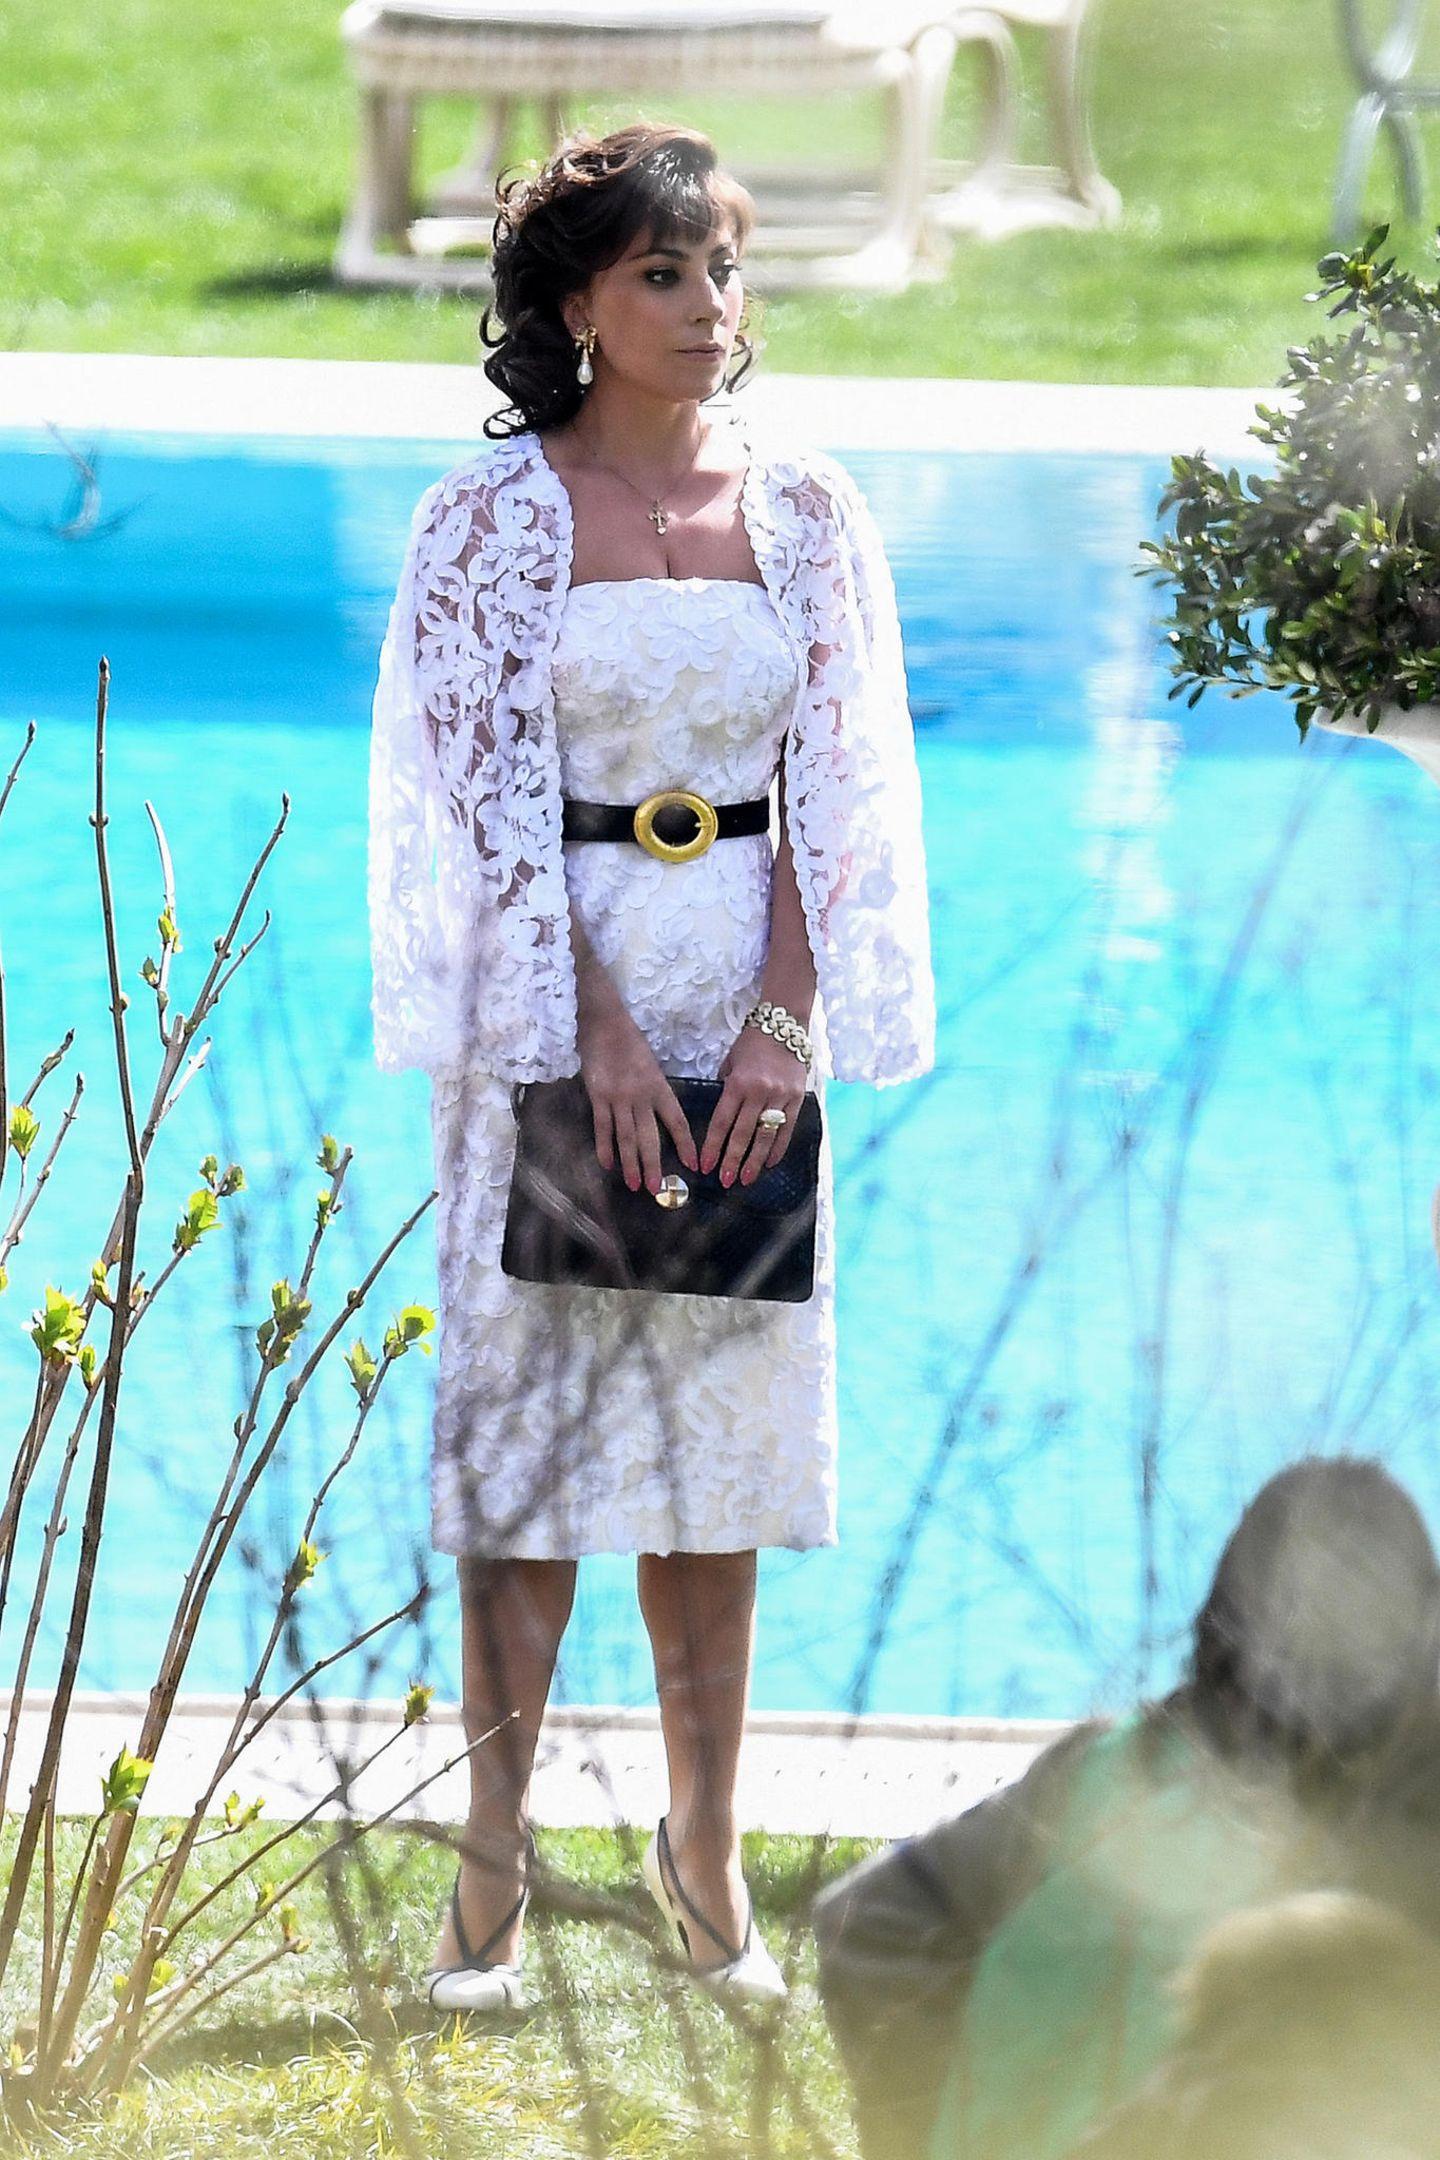 """Eigentlich kennt man diesen Megastar in wilden Outfits und Plateauheels. Umso ungewohnter, dass man Lady Gaga am Set ihres neuen Films """"House of Gucci"""" nun im weißen Spitzenkleid mit passender Jacke sieht. Fast hätte man die 34-Jährige nicht erkannt."""